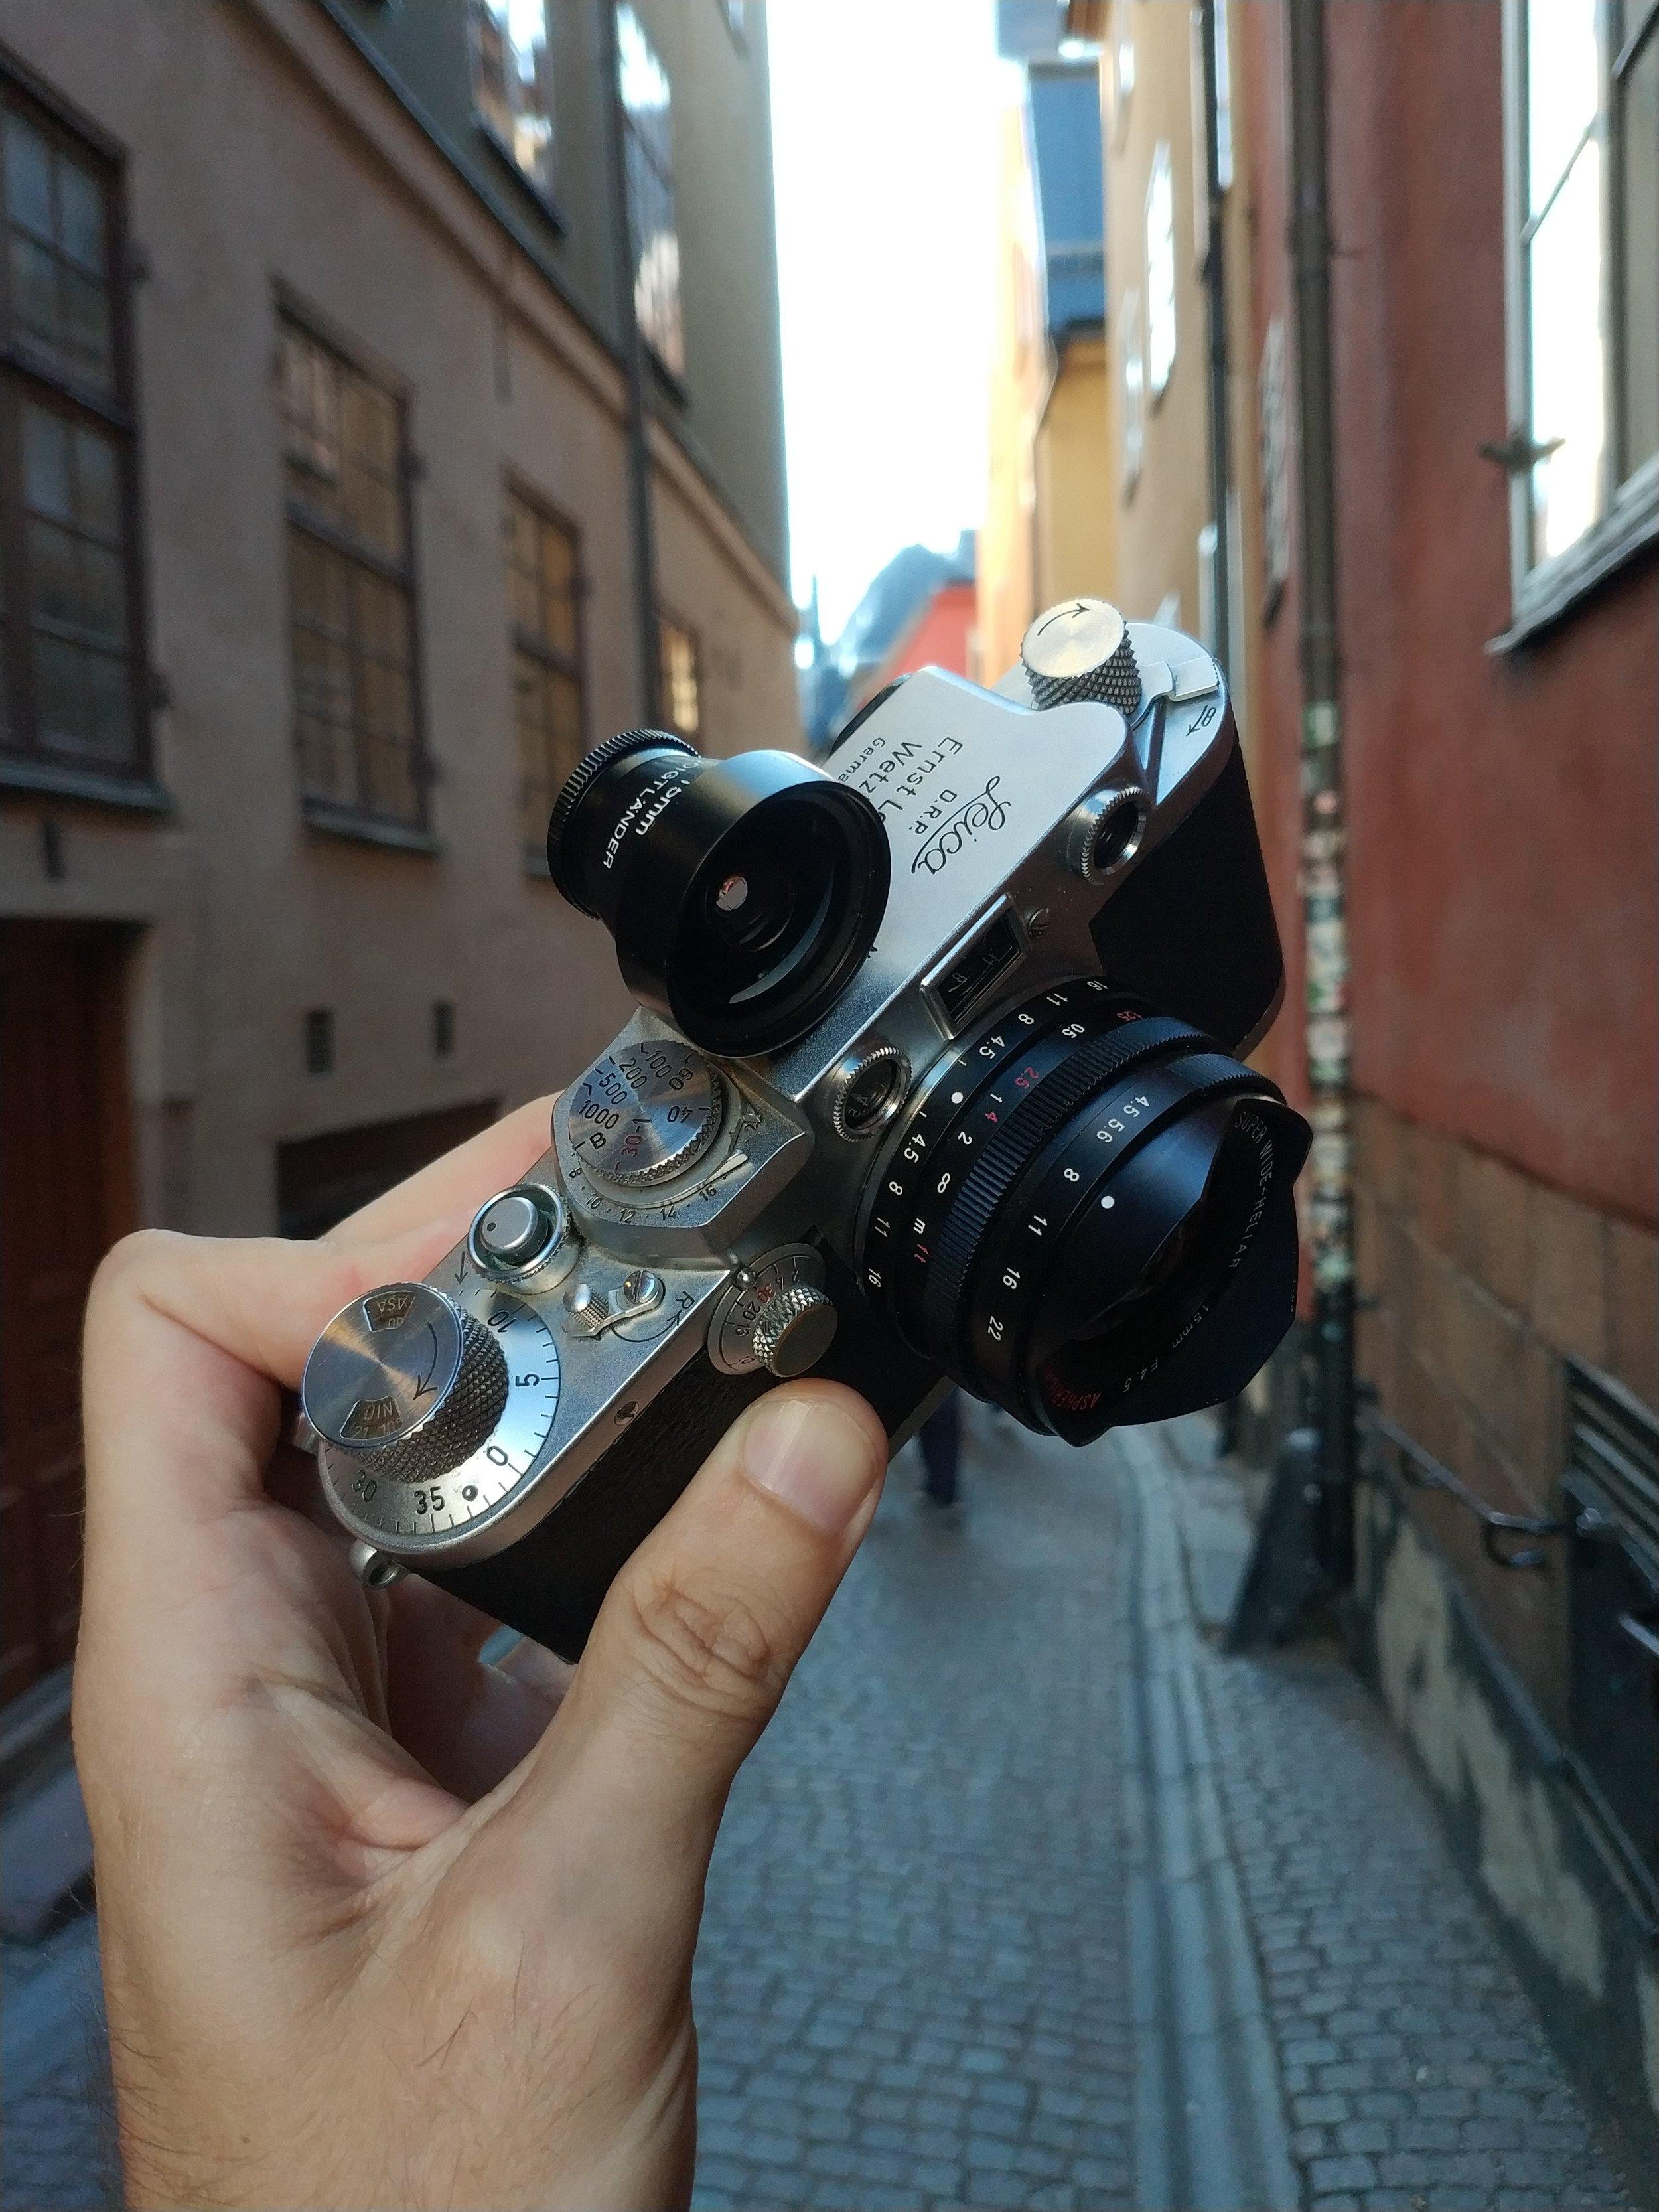 leica iiif voigtlander 15mm.jpg